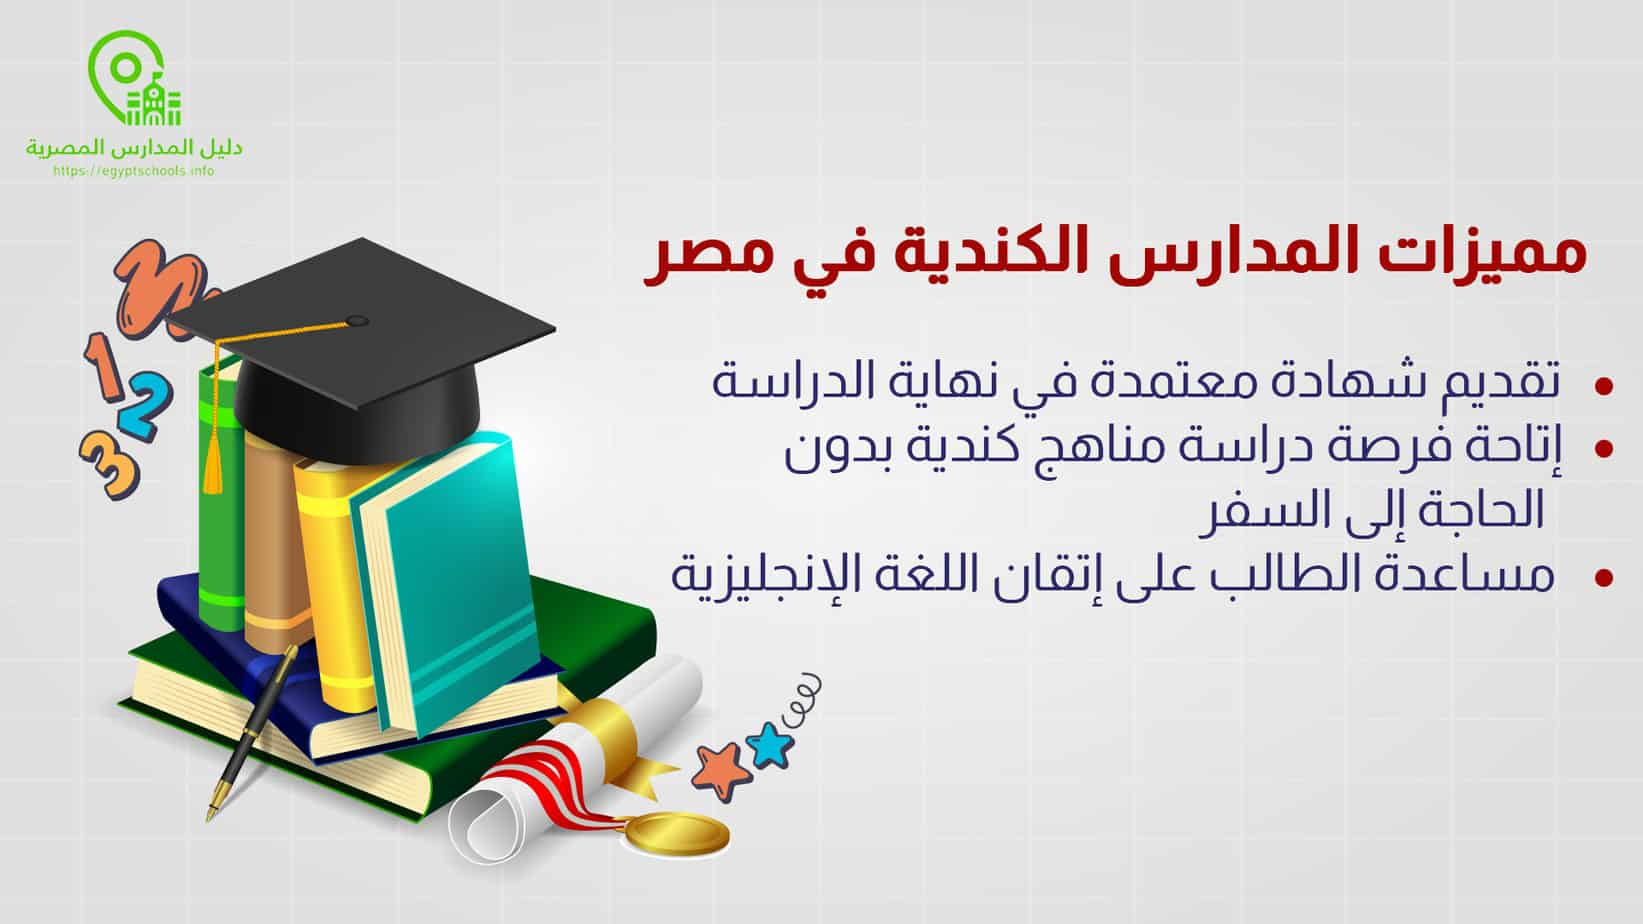 مميزات المدارس الكندية في مصر